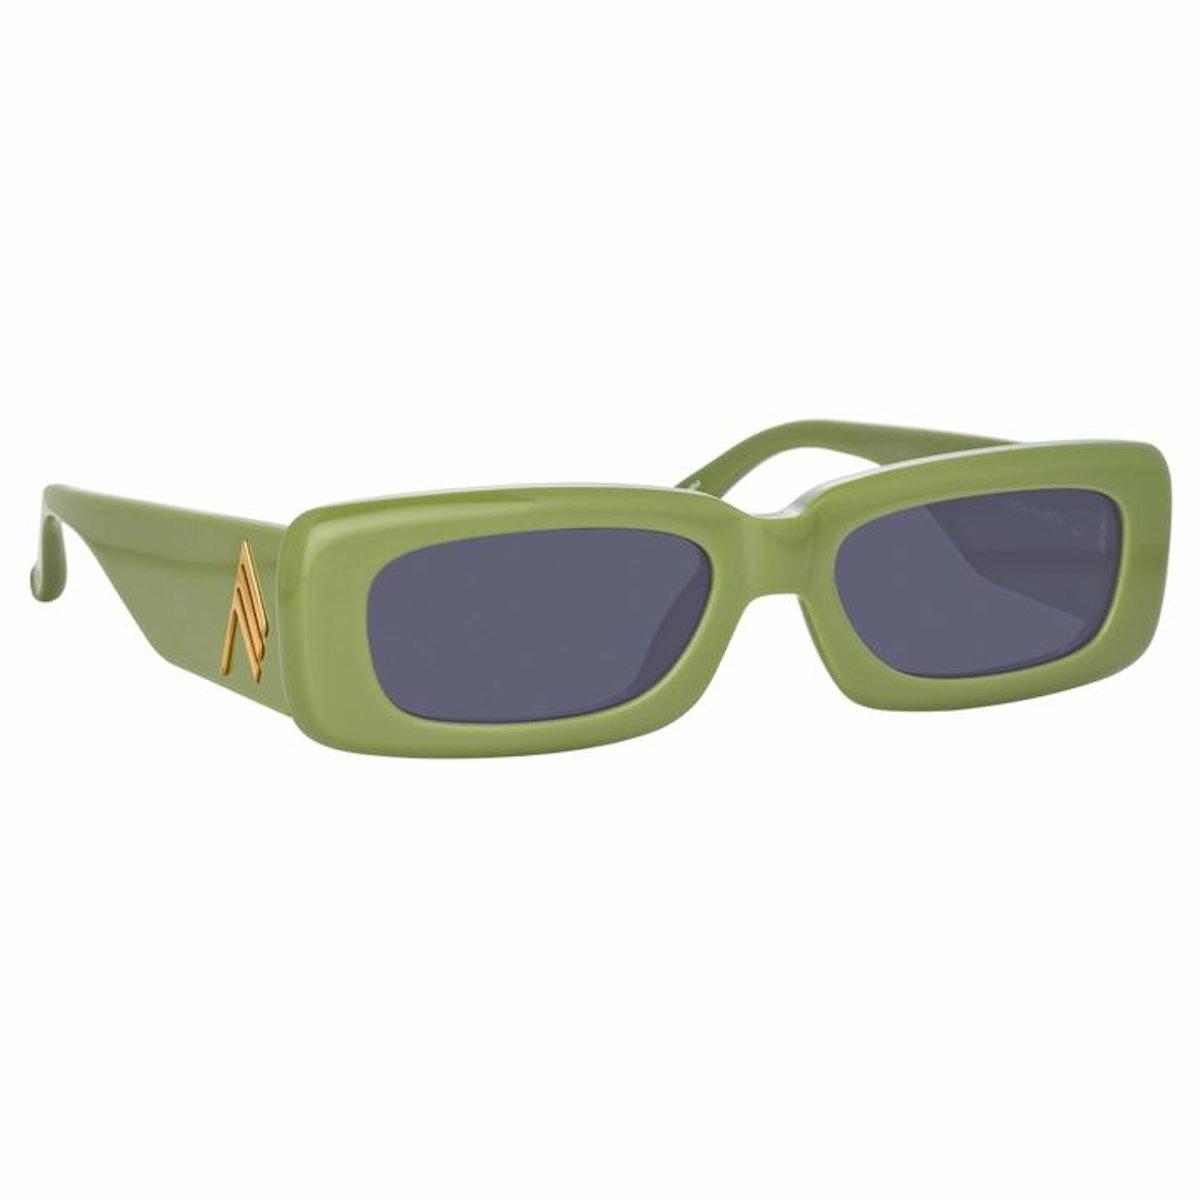 Green Mini Marfa sunglasses from Linda Farrow x THE ATTICO collaboration.